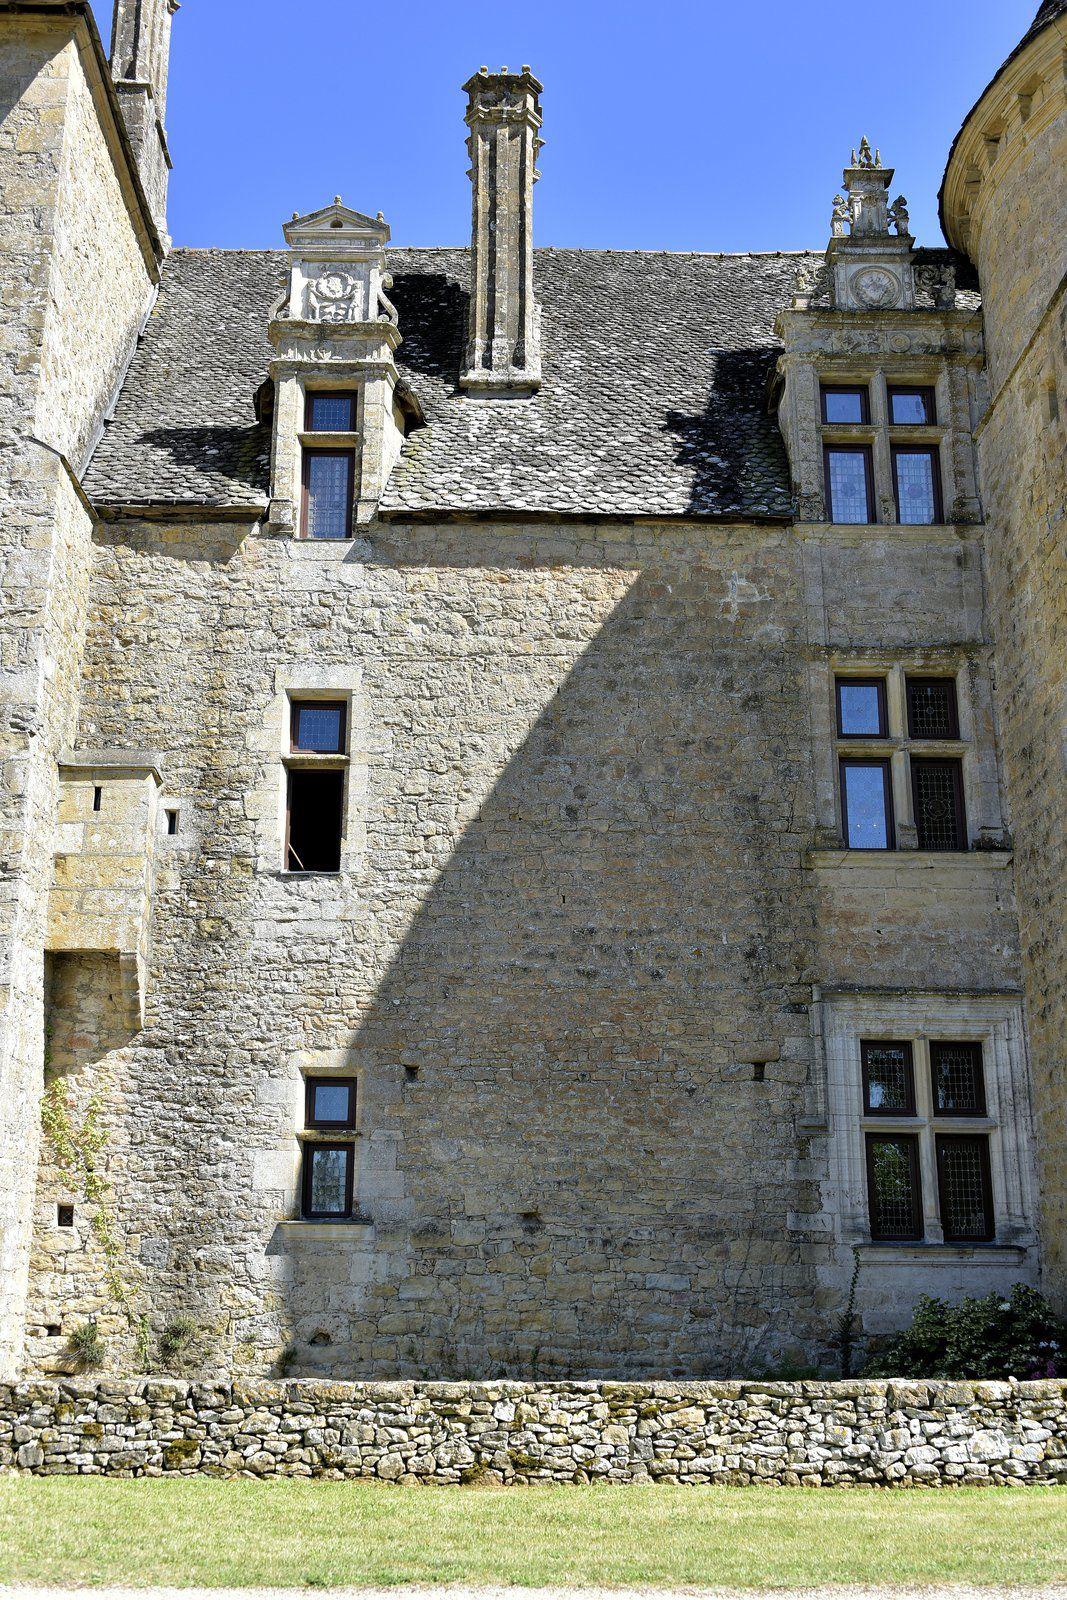 Le château de Montal au cœur de la vallée de la Bave sur la commune de Saint-Jean-Lespinasse